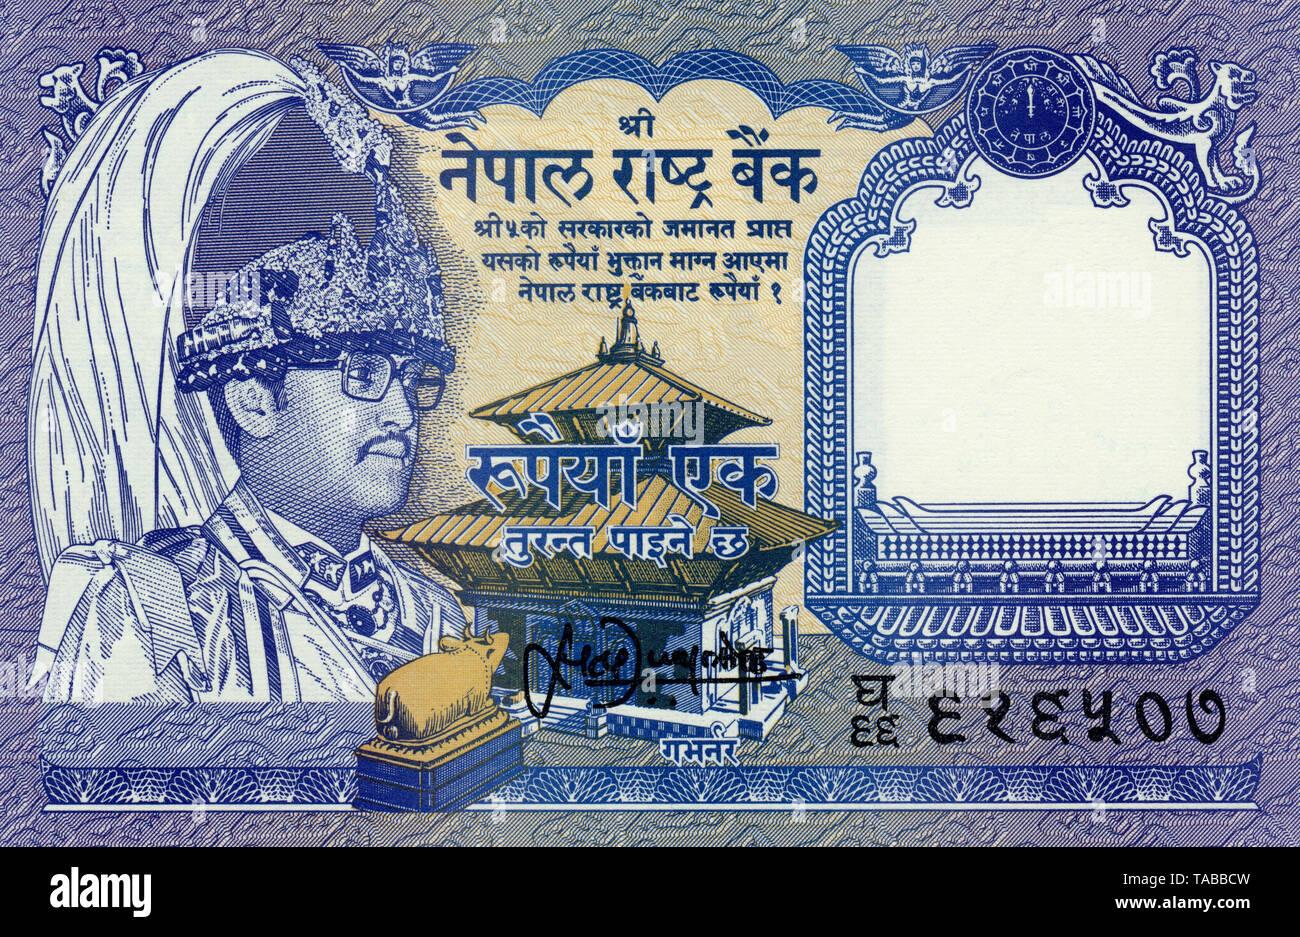 Banknote, 1 Rupie, König Birendra Bir Bikram Shah Dev, 1974, Nepal, Asien, Bank Note, eine Rupie, König Birendra Bir Bikram Shah Dev, 1974, Nepal, Asien Stockbild